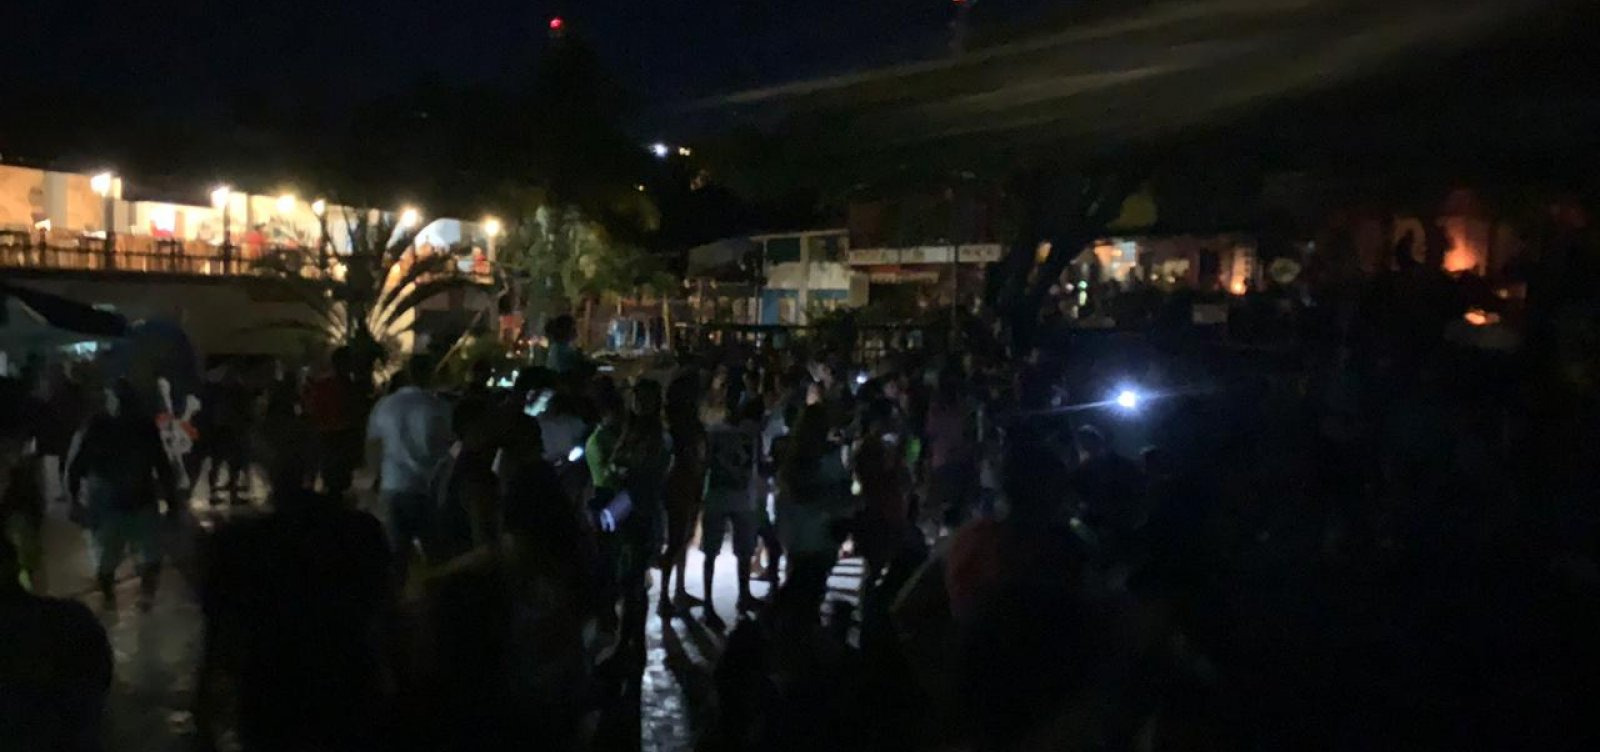 Depois de 48h, energia elétrica é reestabelecida na região de Morro de São Paulo